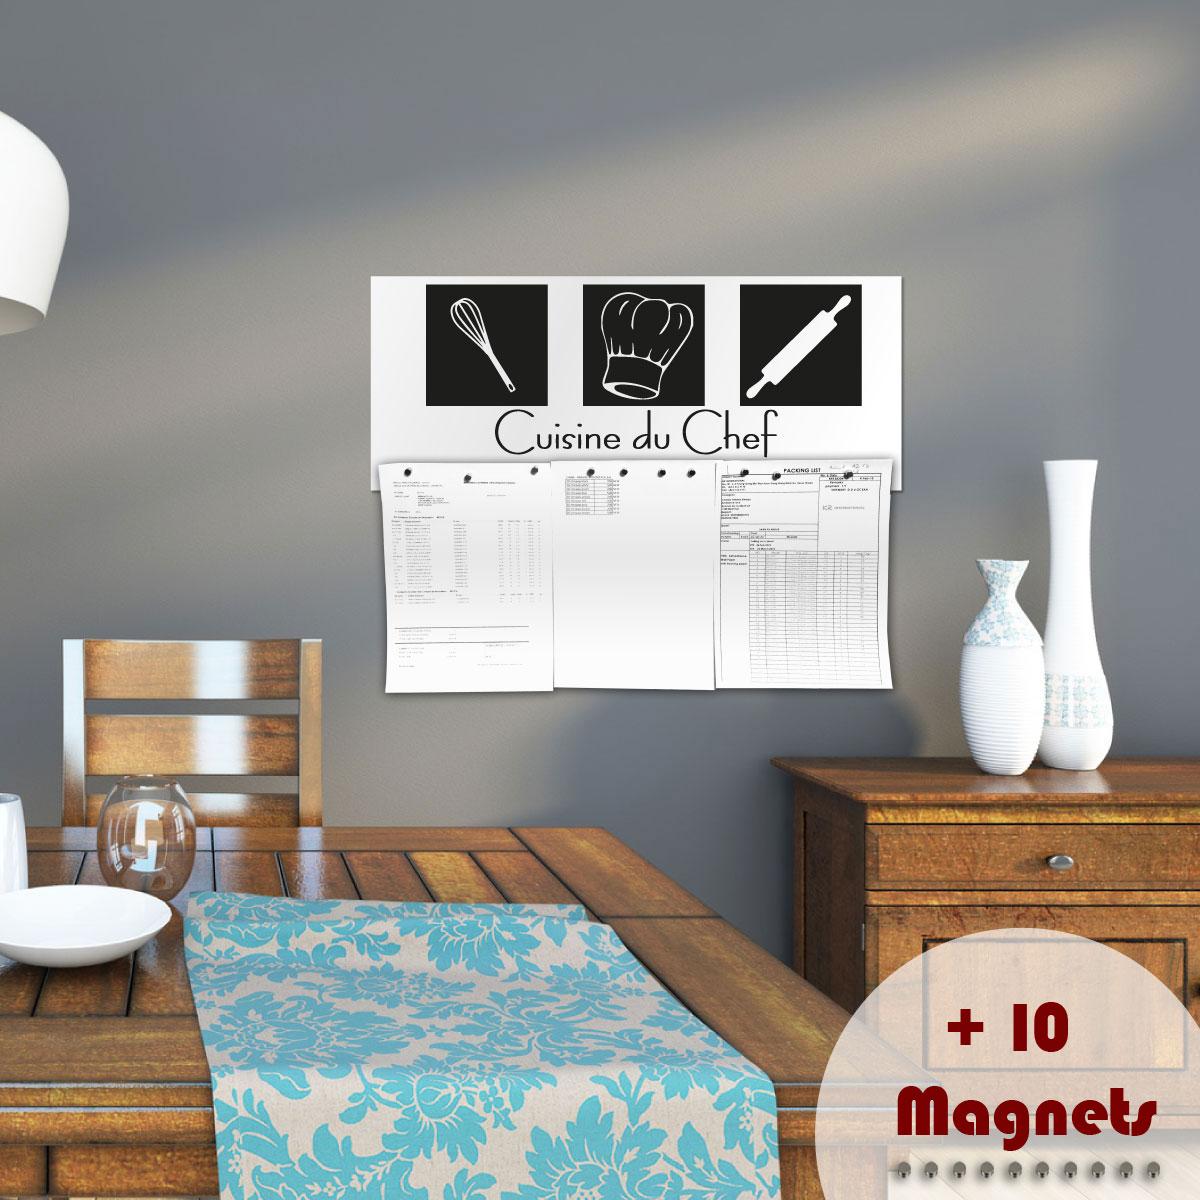 sticker magn tique sticker magn tique cuisine du chef ambiance. Black Bedroom Furniture Sets. Home Design Ideas